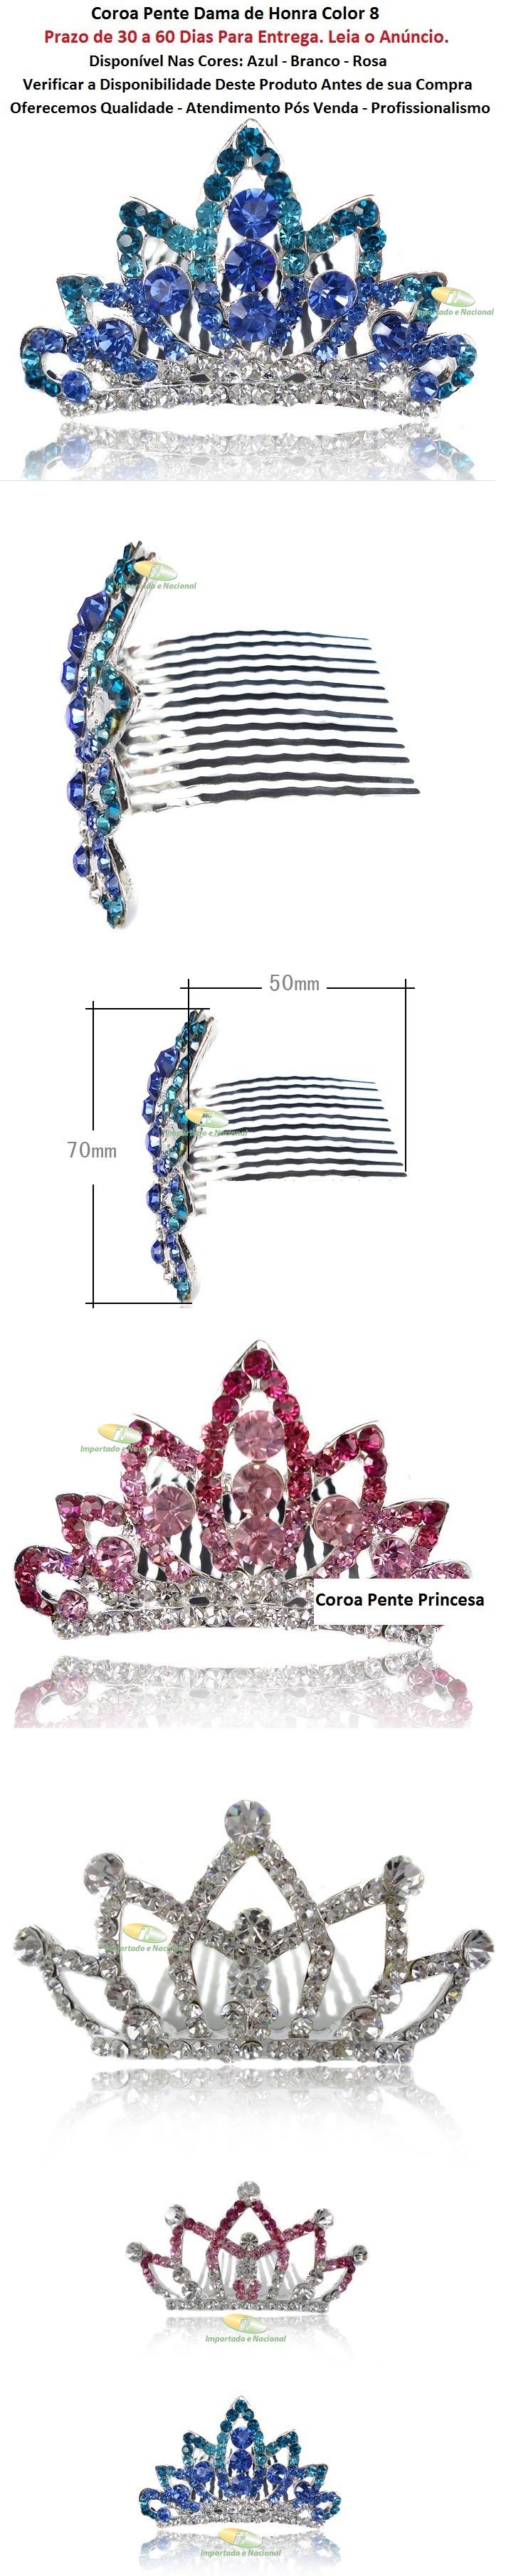 coroa-dama-de-honra-color.jpg